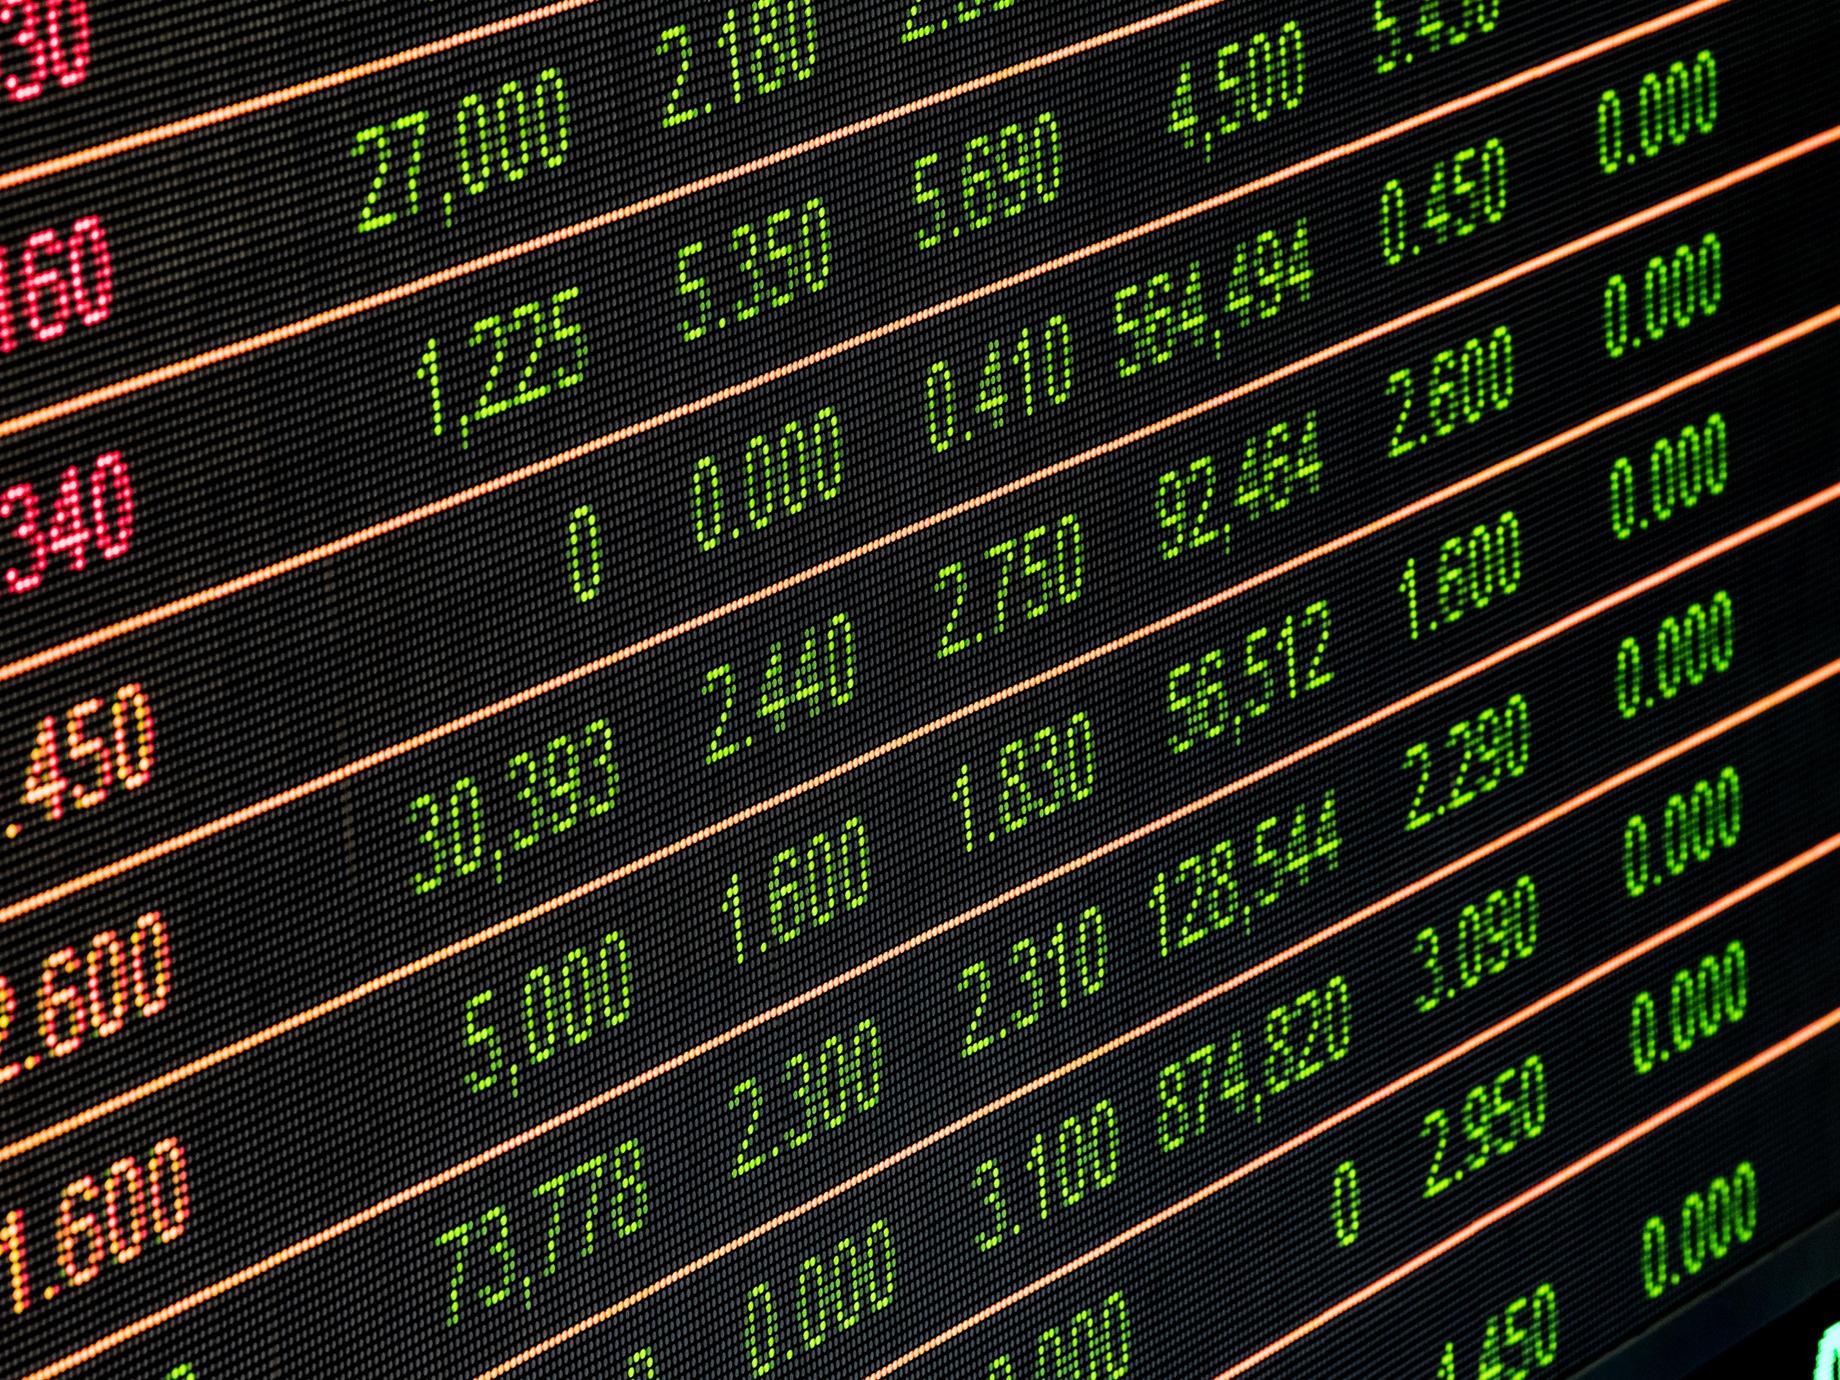 基金名稱相似,報酬率卻差很多?從「富達歐洲高收益債券基金」學會市場避險技巧